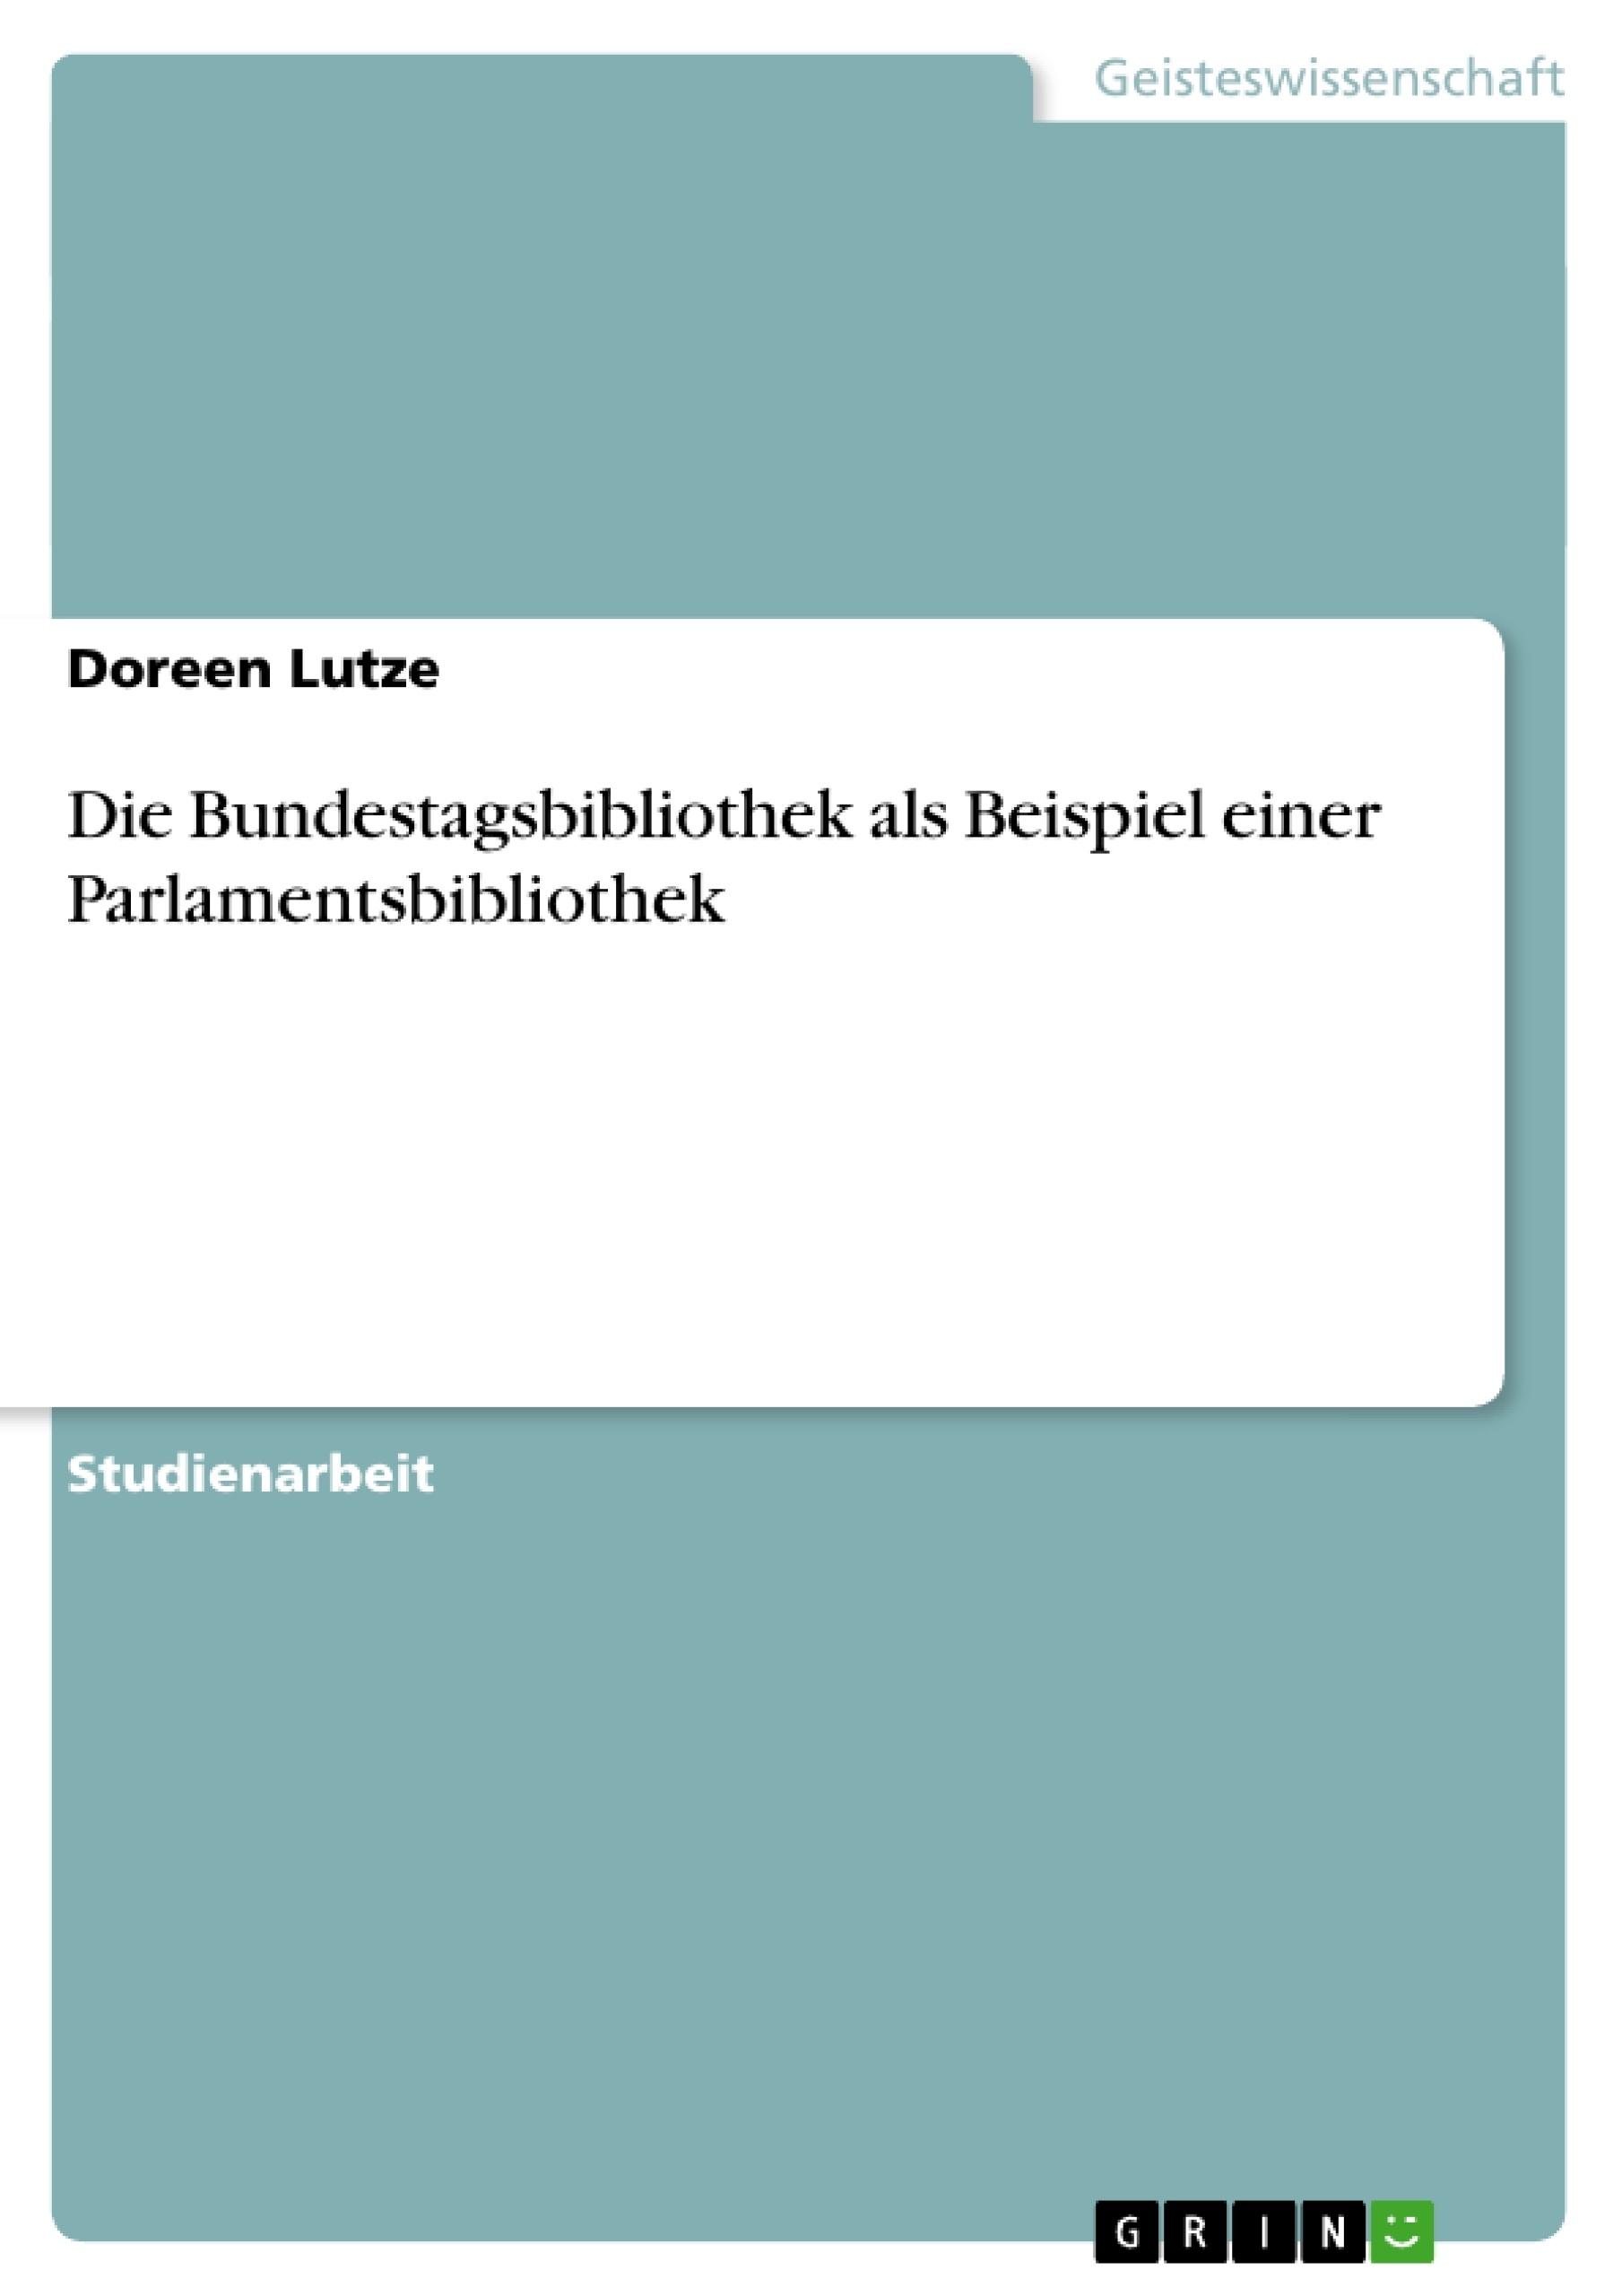 Titel: Die Bundestagsbibliothek als Beispiel einer Parlamentsbibliothek